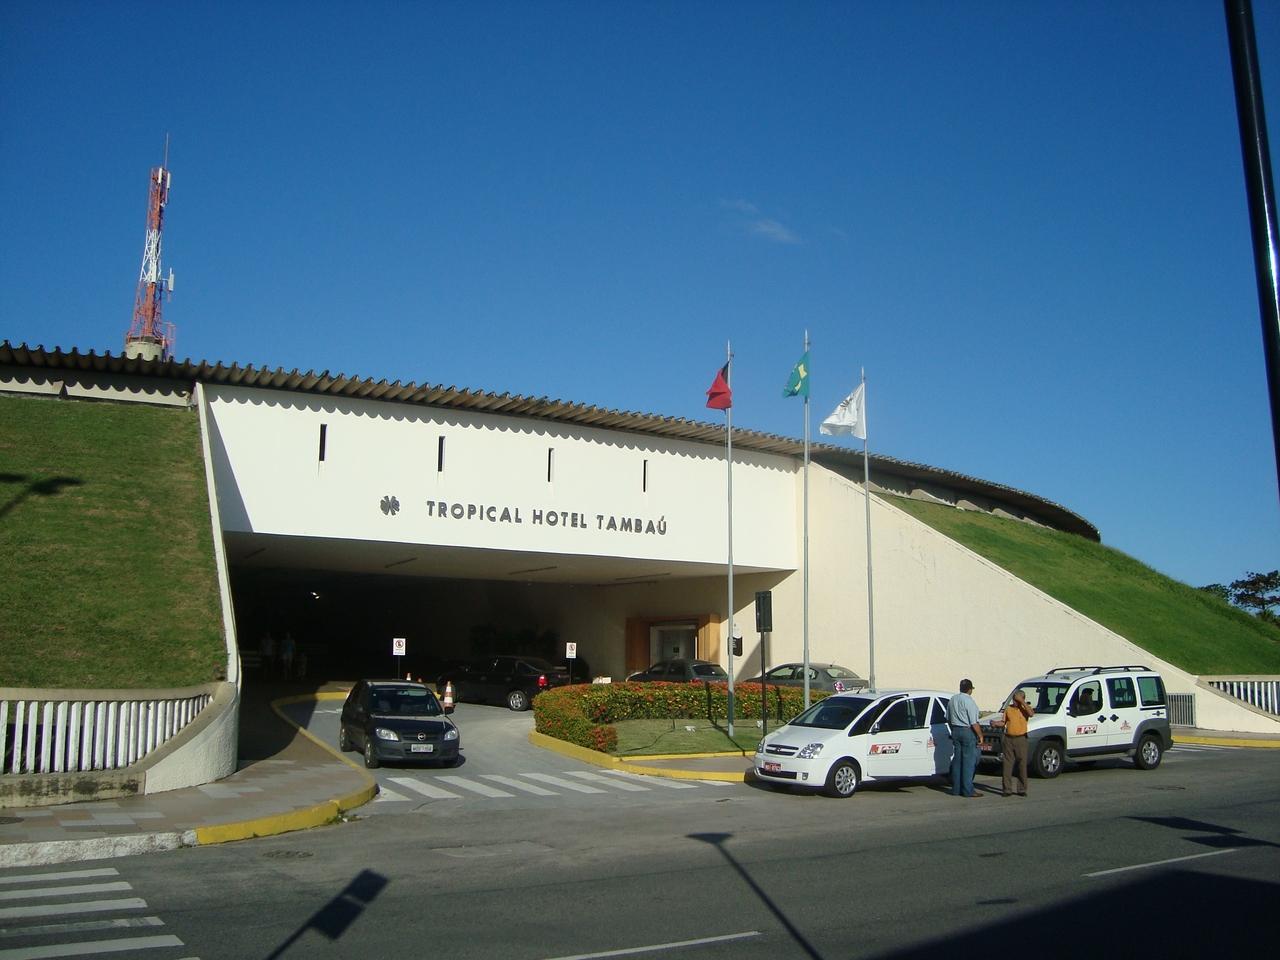 1324406041 05 eduardo mezzonato 1 panoramio copy - QUASE R$132 MILHÕES: Hotel Tambaú irá a leilão dia 4 e arremate é certo